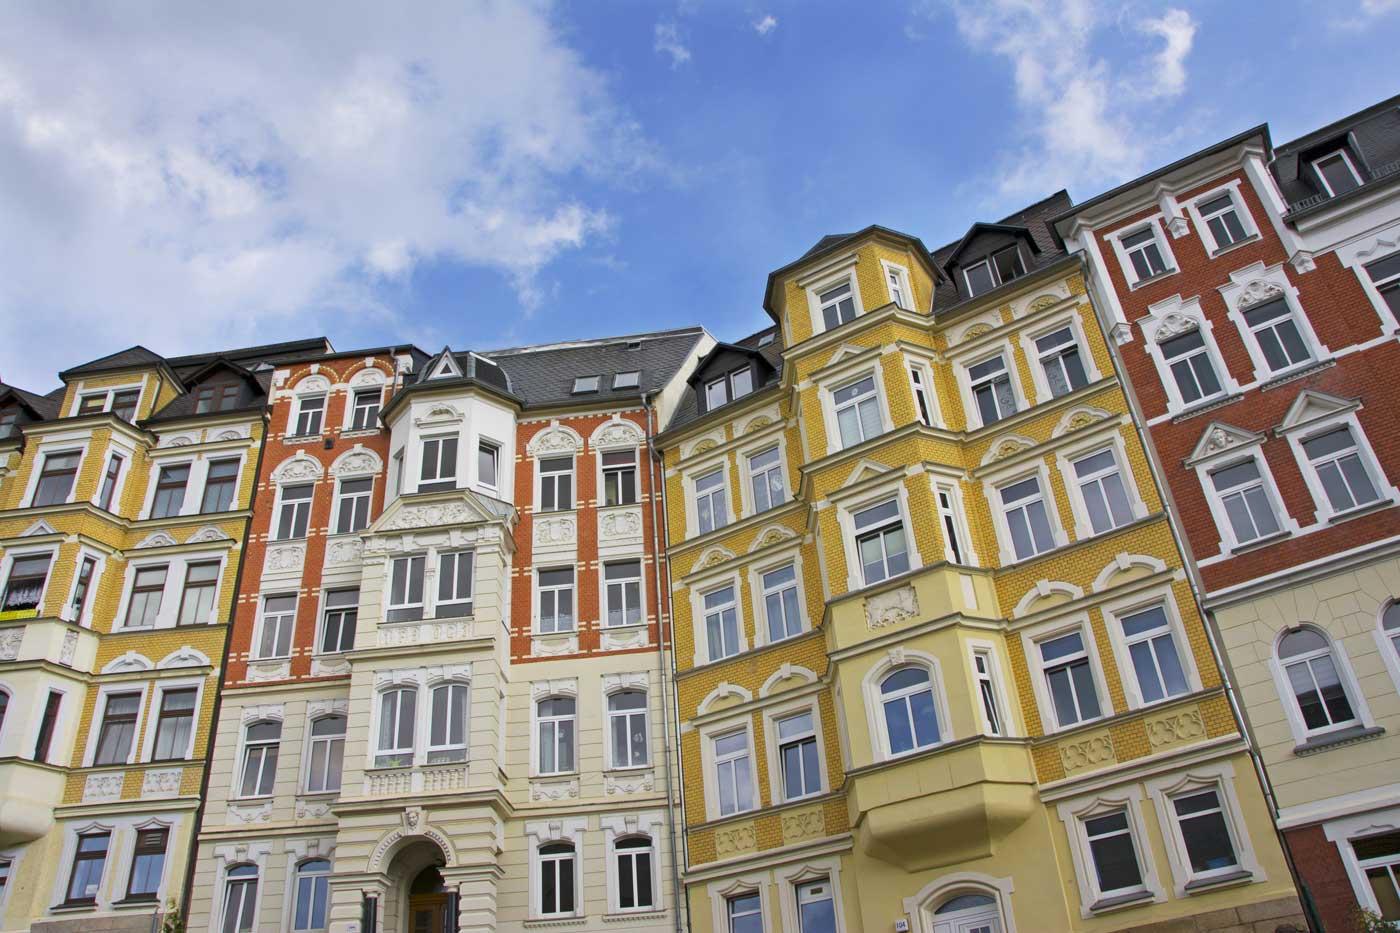 Ansicht einer Hausfassade